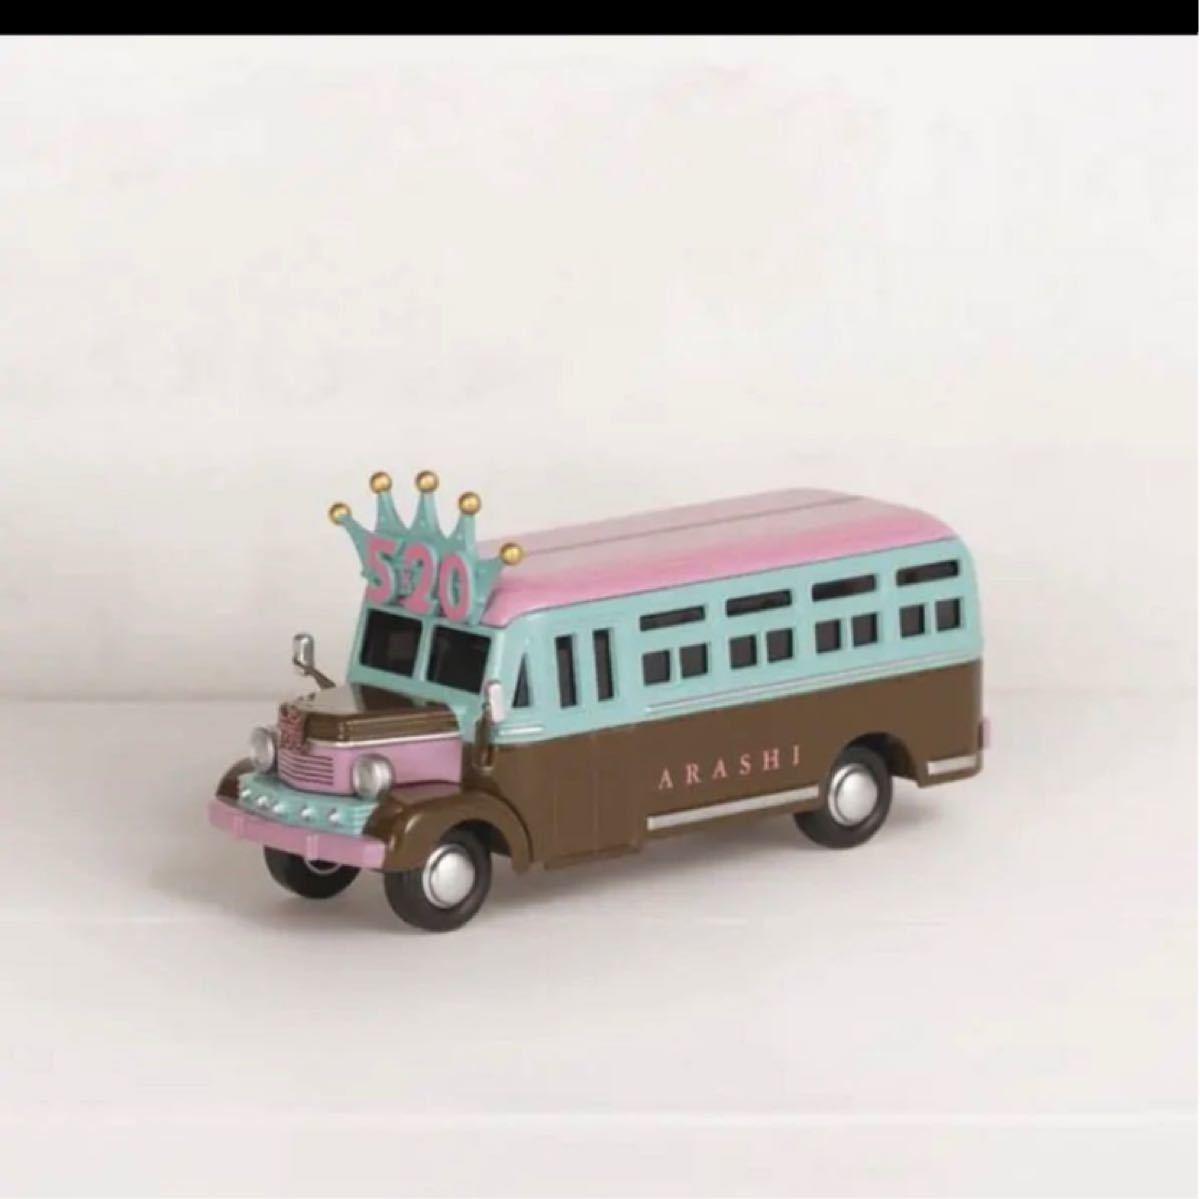 嵐 5×20 Anniversary Bus ダイキャストカー バス